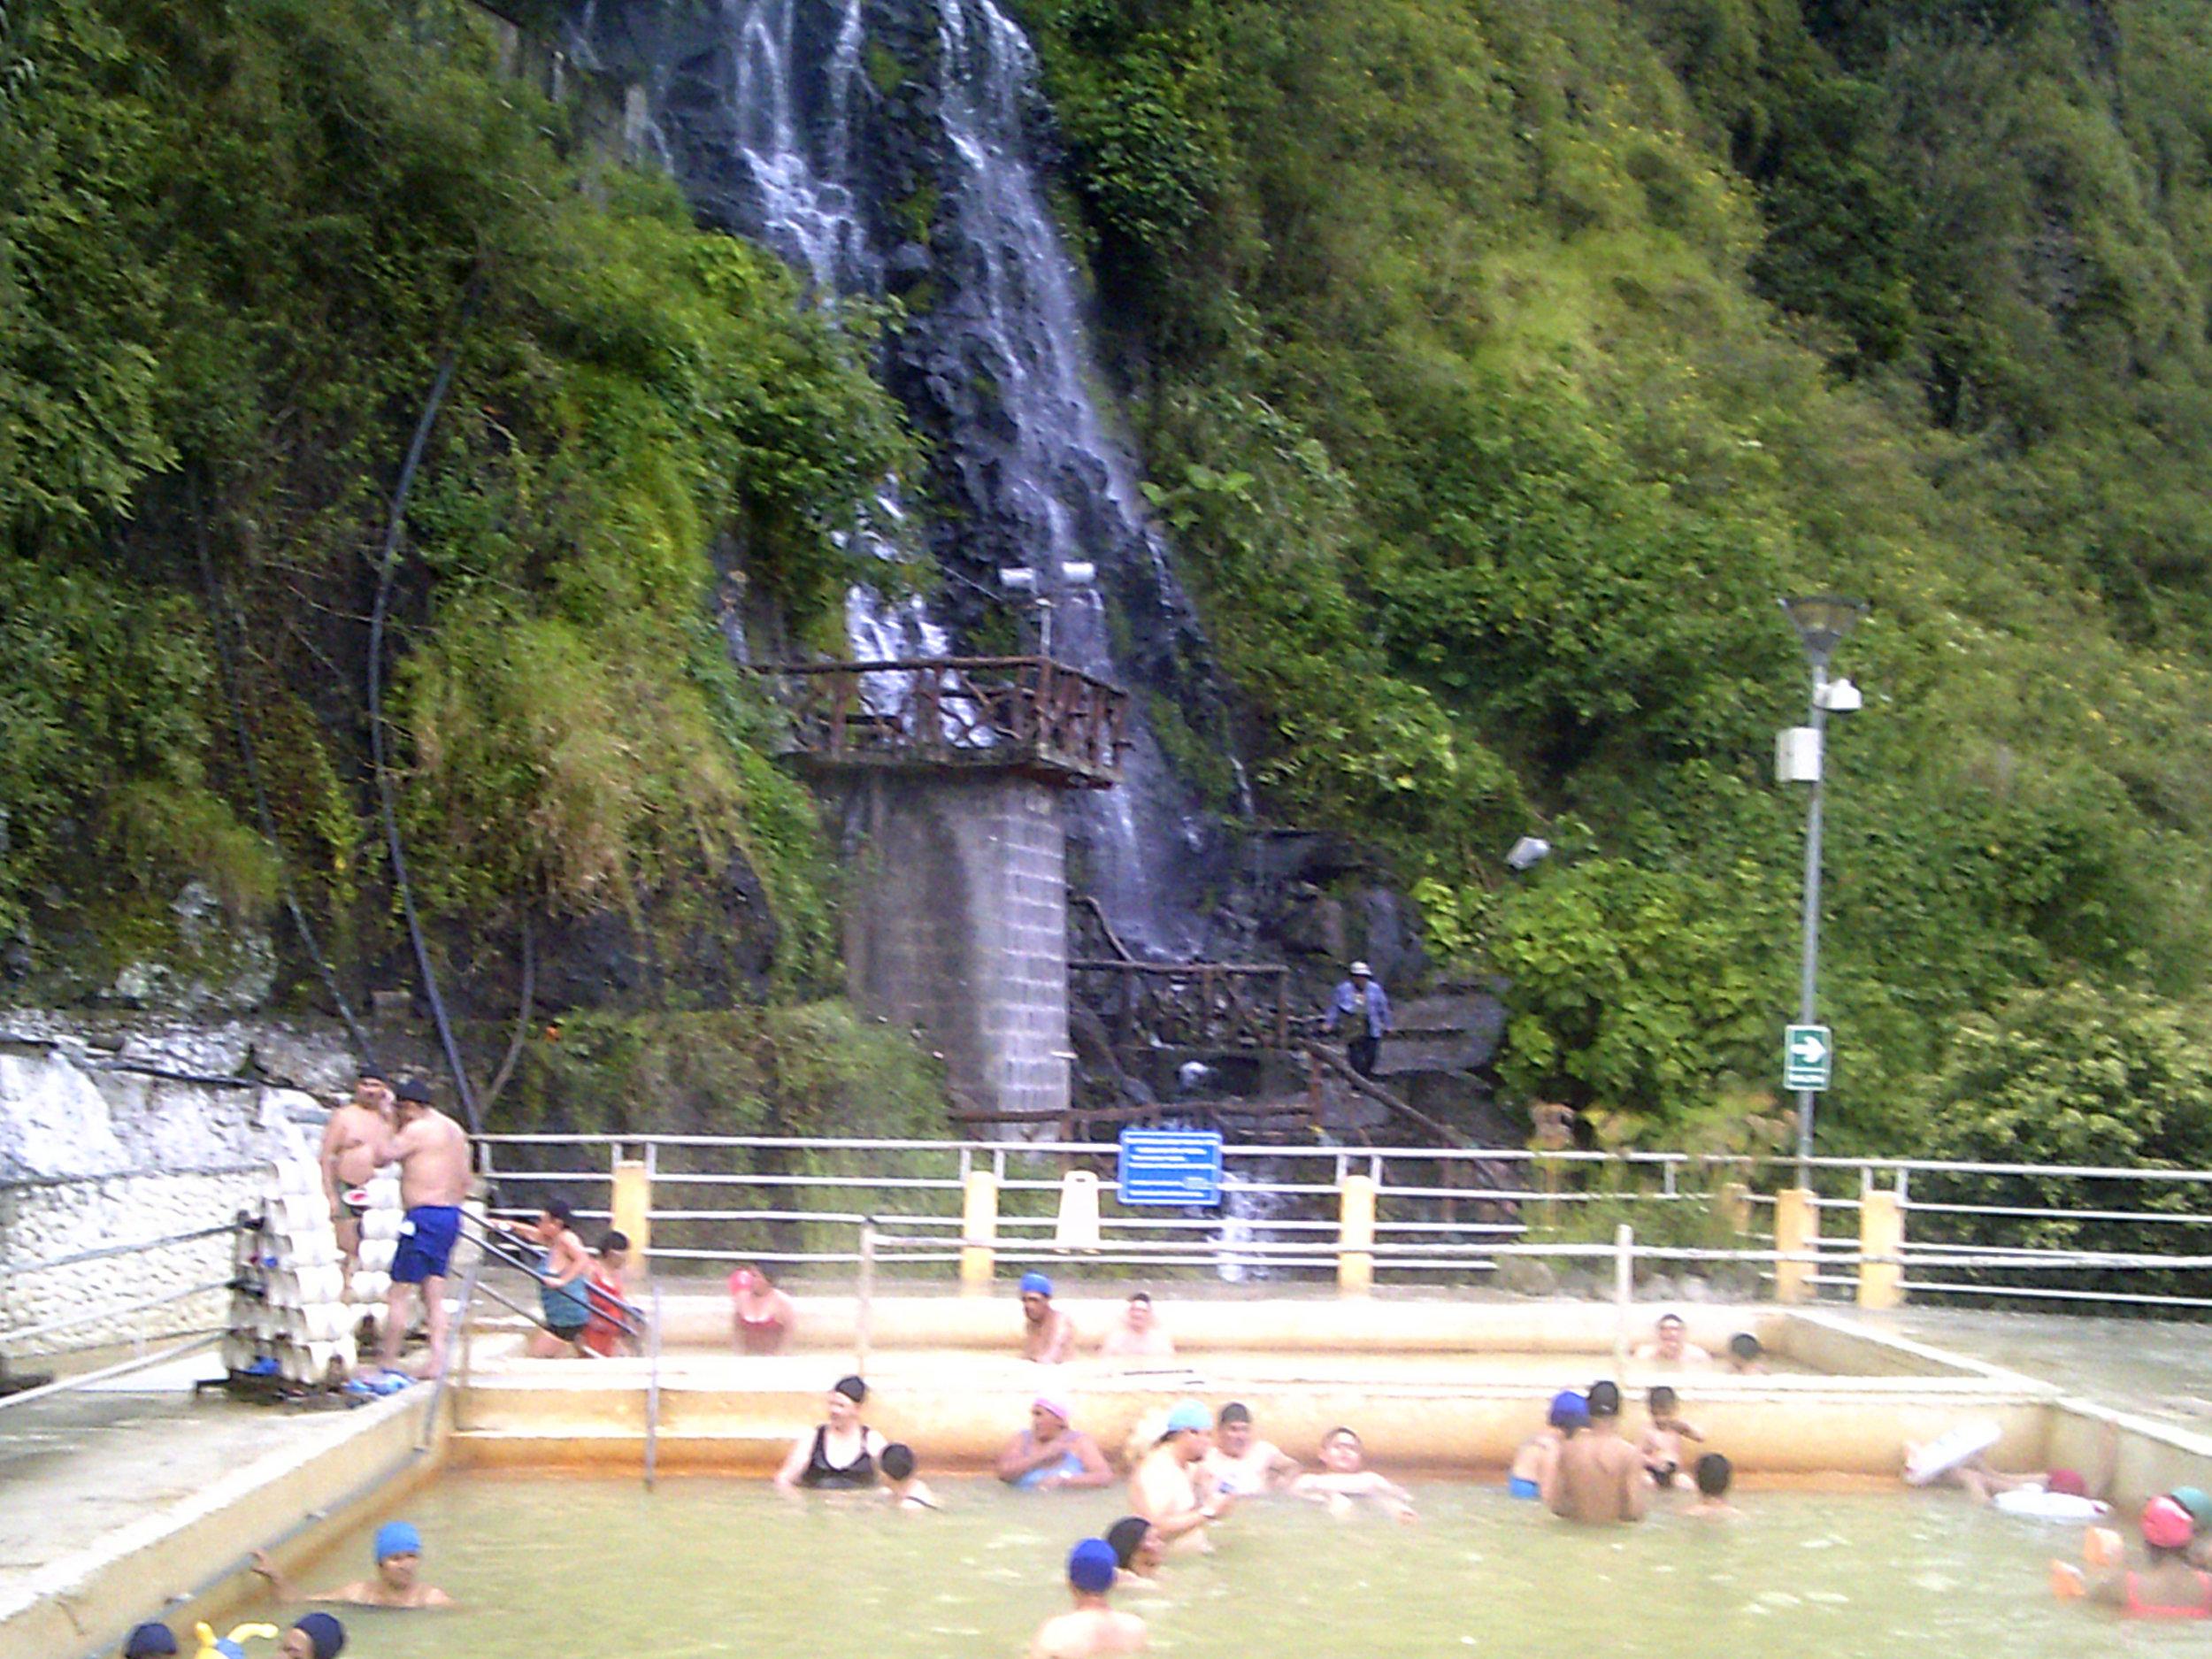 crowded hot springs.jpg